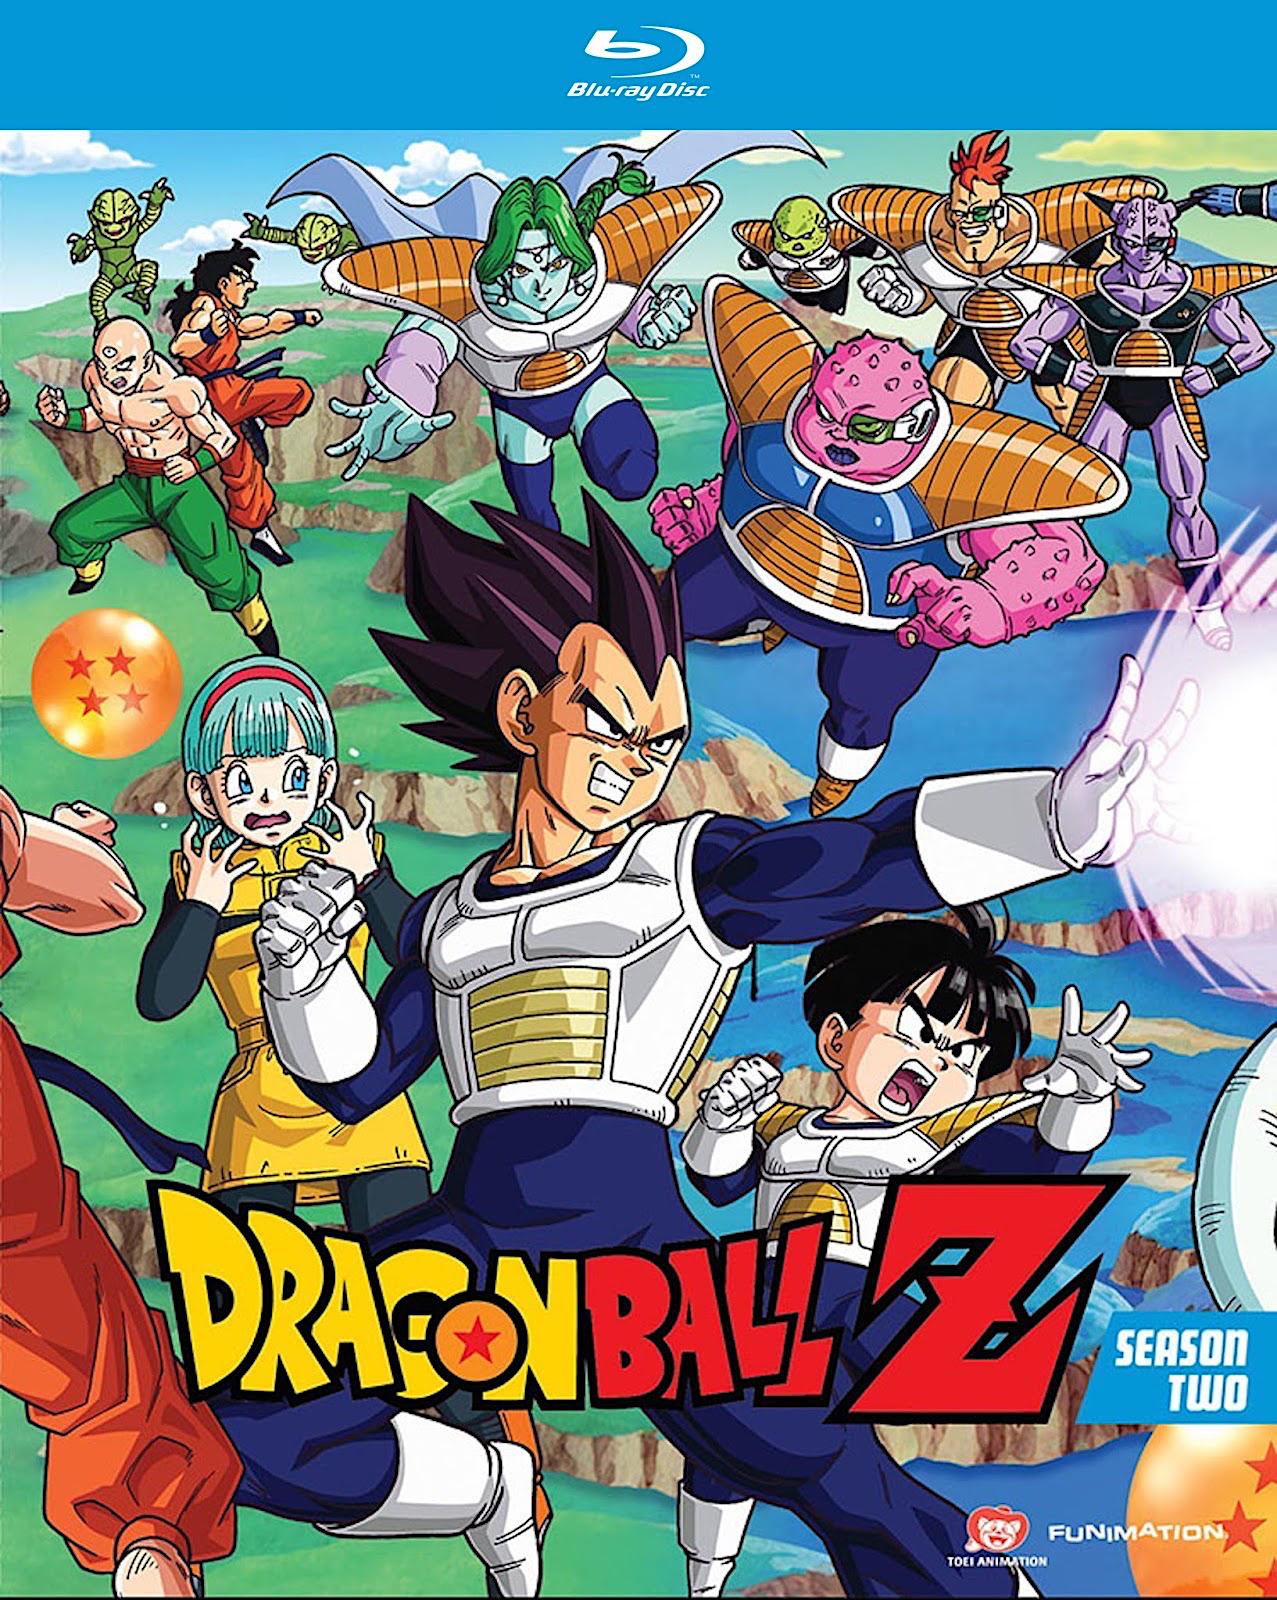 Blu Ray And Dvd Covers Dragon Ball Z Blu Rays Dragon Ball Z